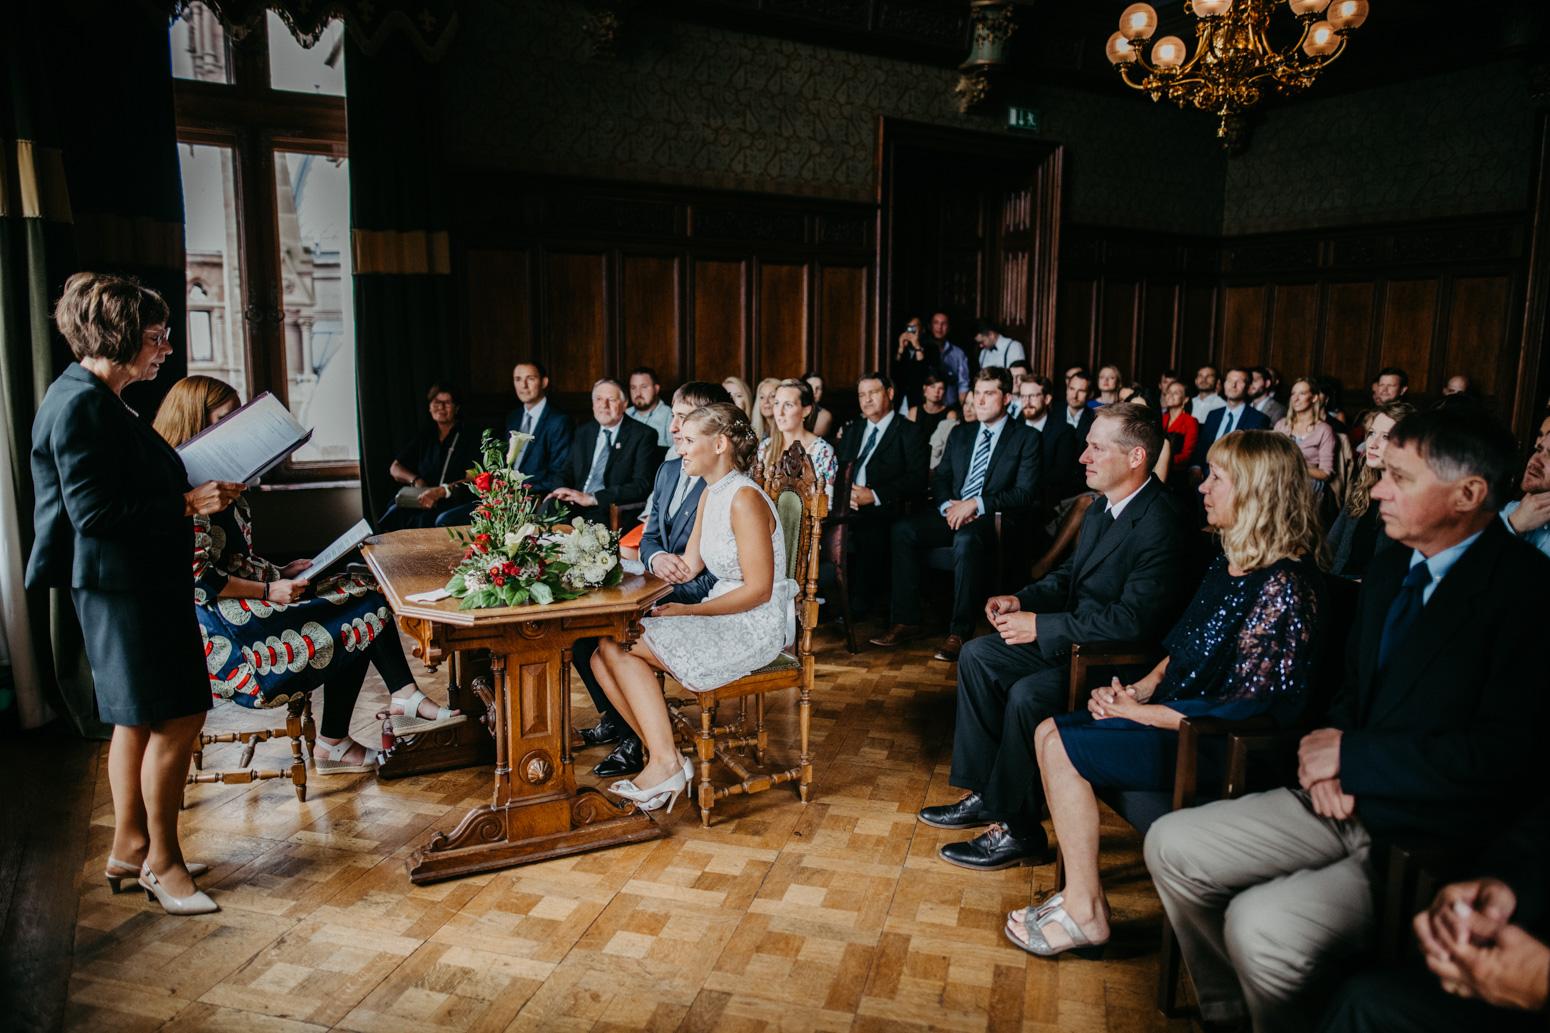 deutsch-amerikanische Trauung auf Schloss Drachenburg in Königswinter